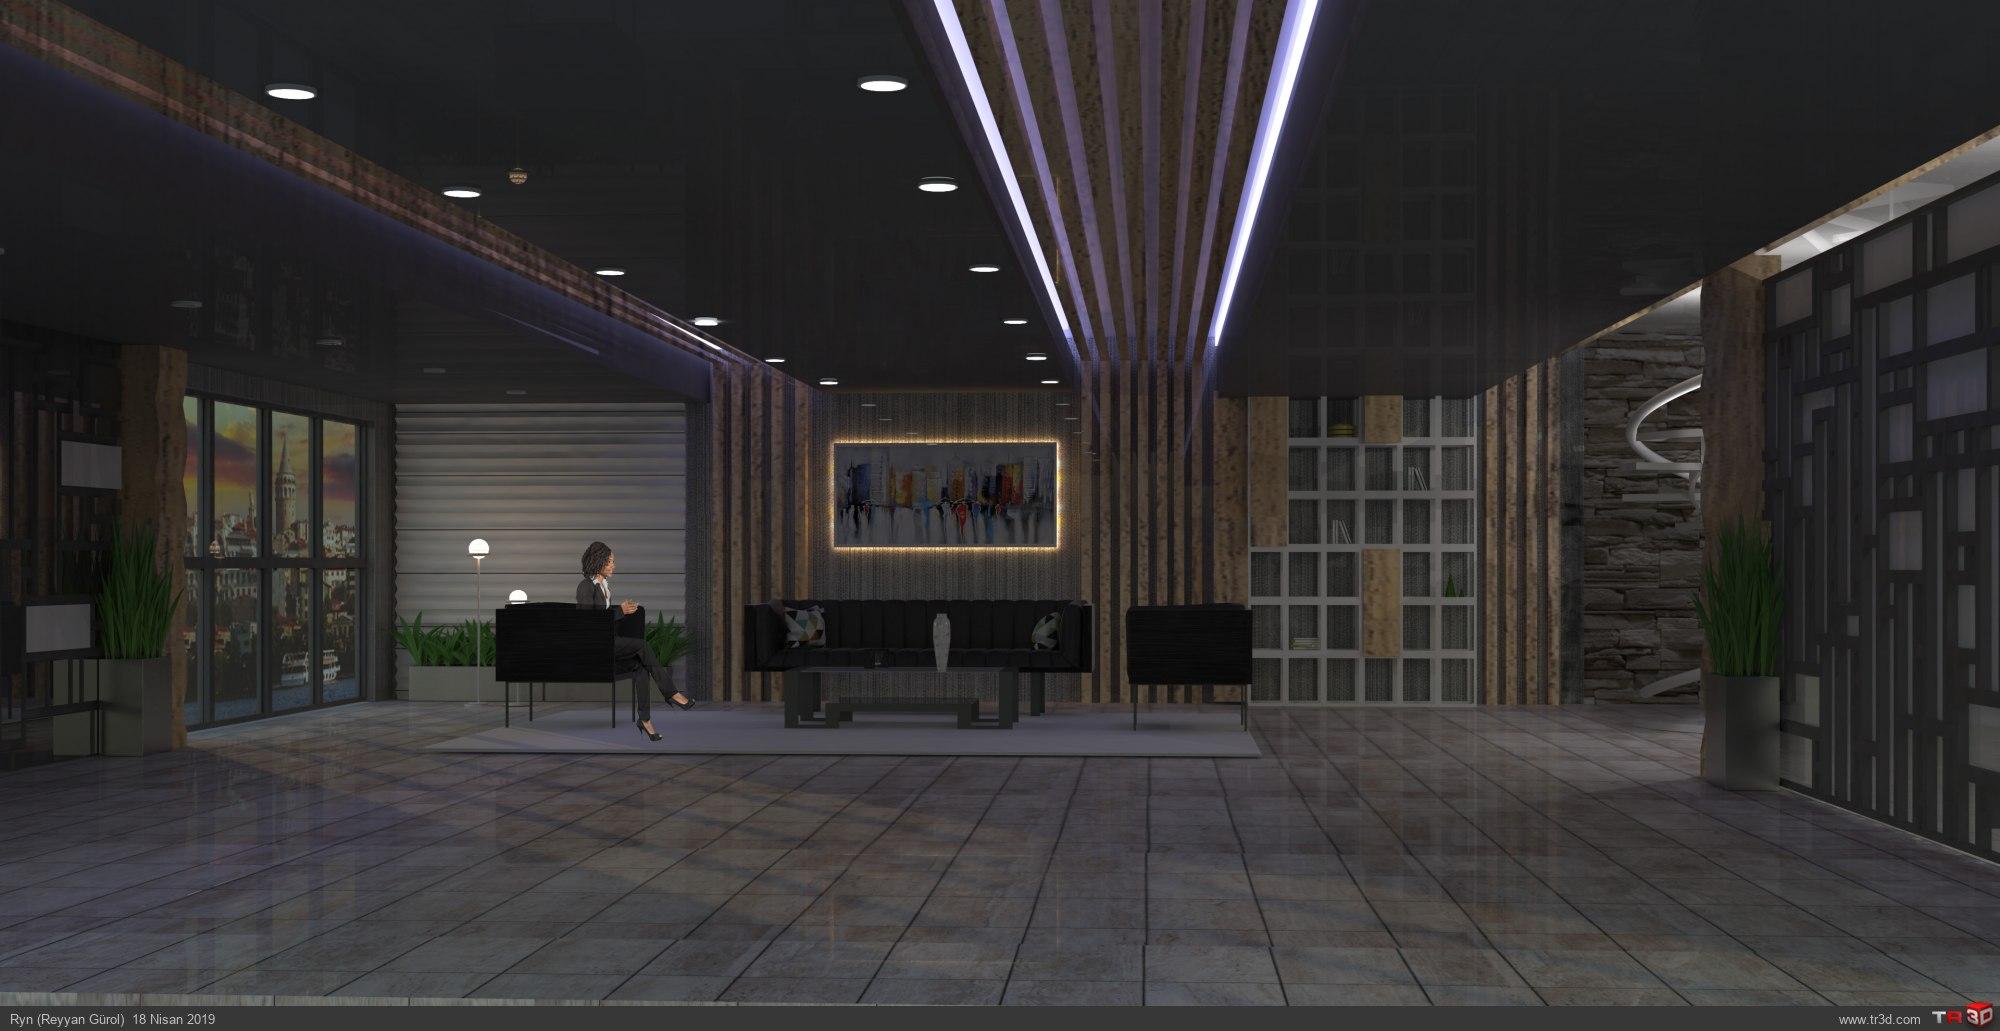 Ankara-Bekleme salonu render